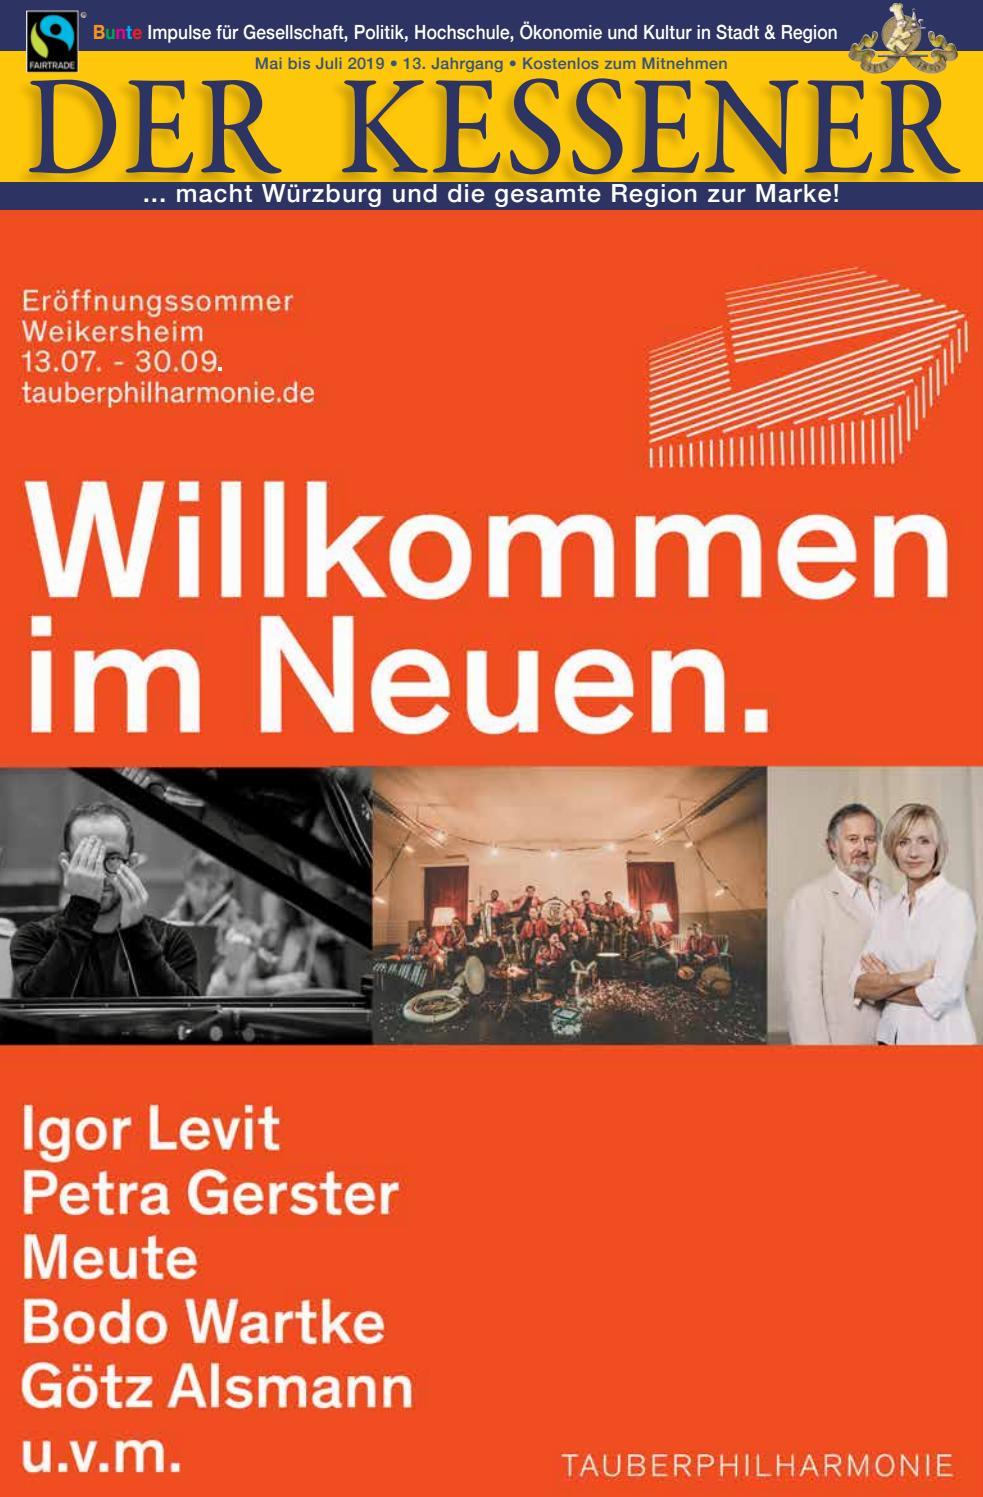 Der Kessener 19 2 By Der Kessener Issuu